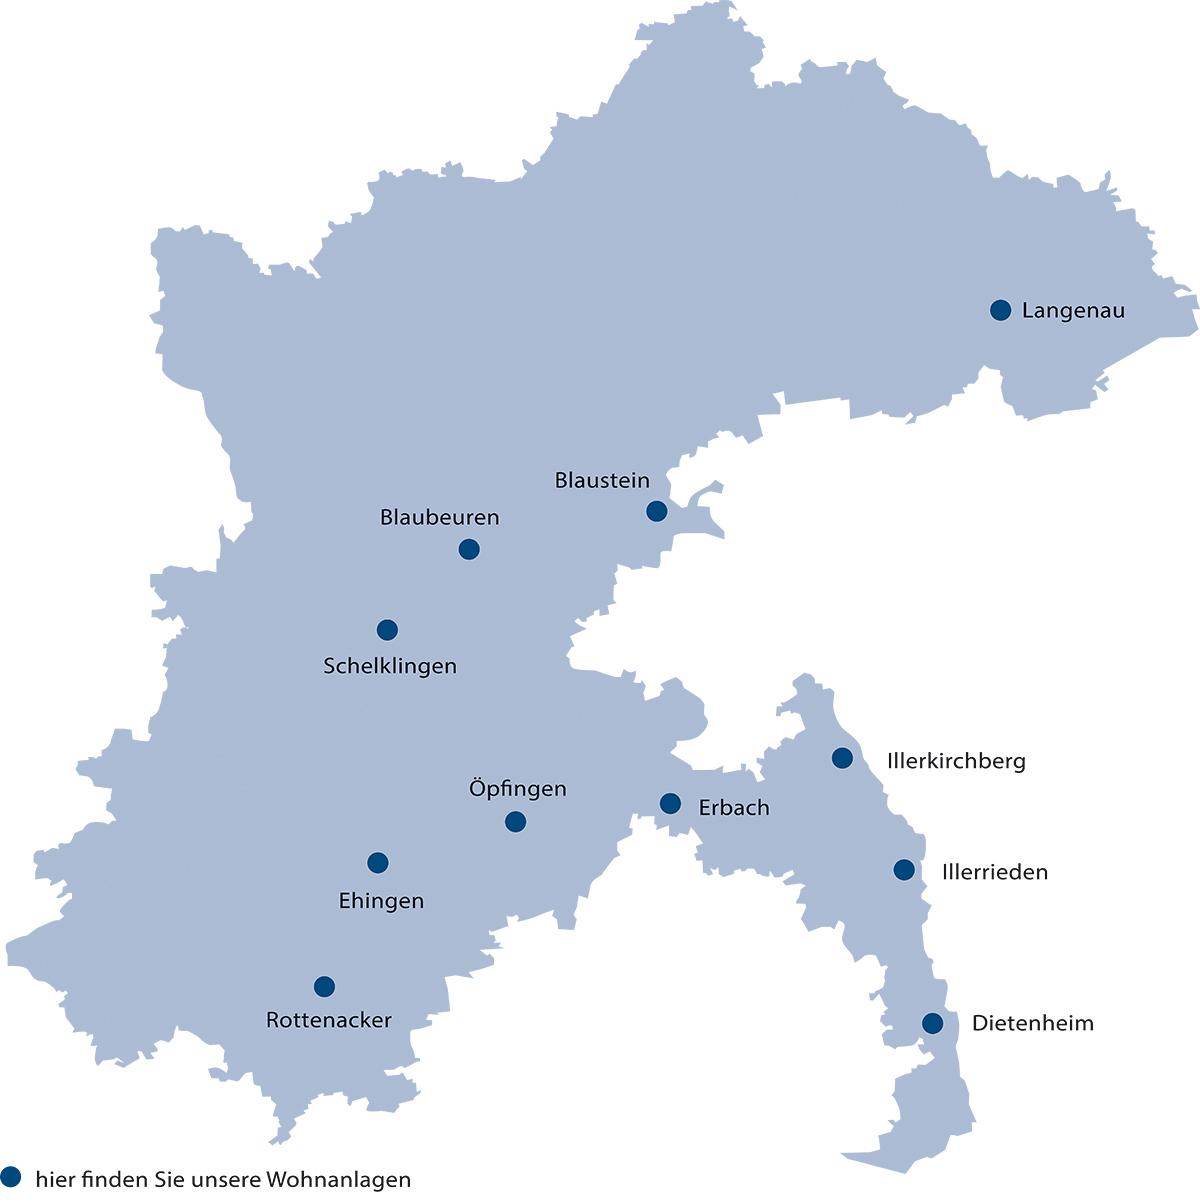 Übersicht aller Standorte unserer Seniorenwohnanlagen im Alb-Donau-Kreis